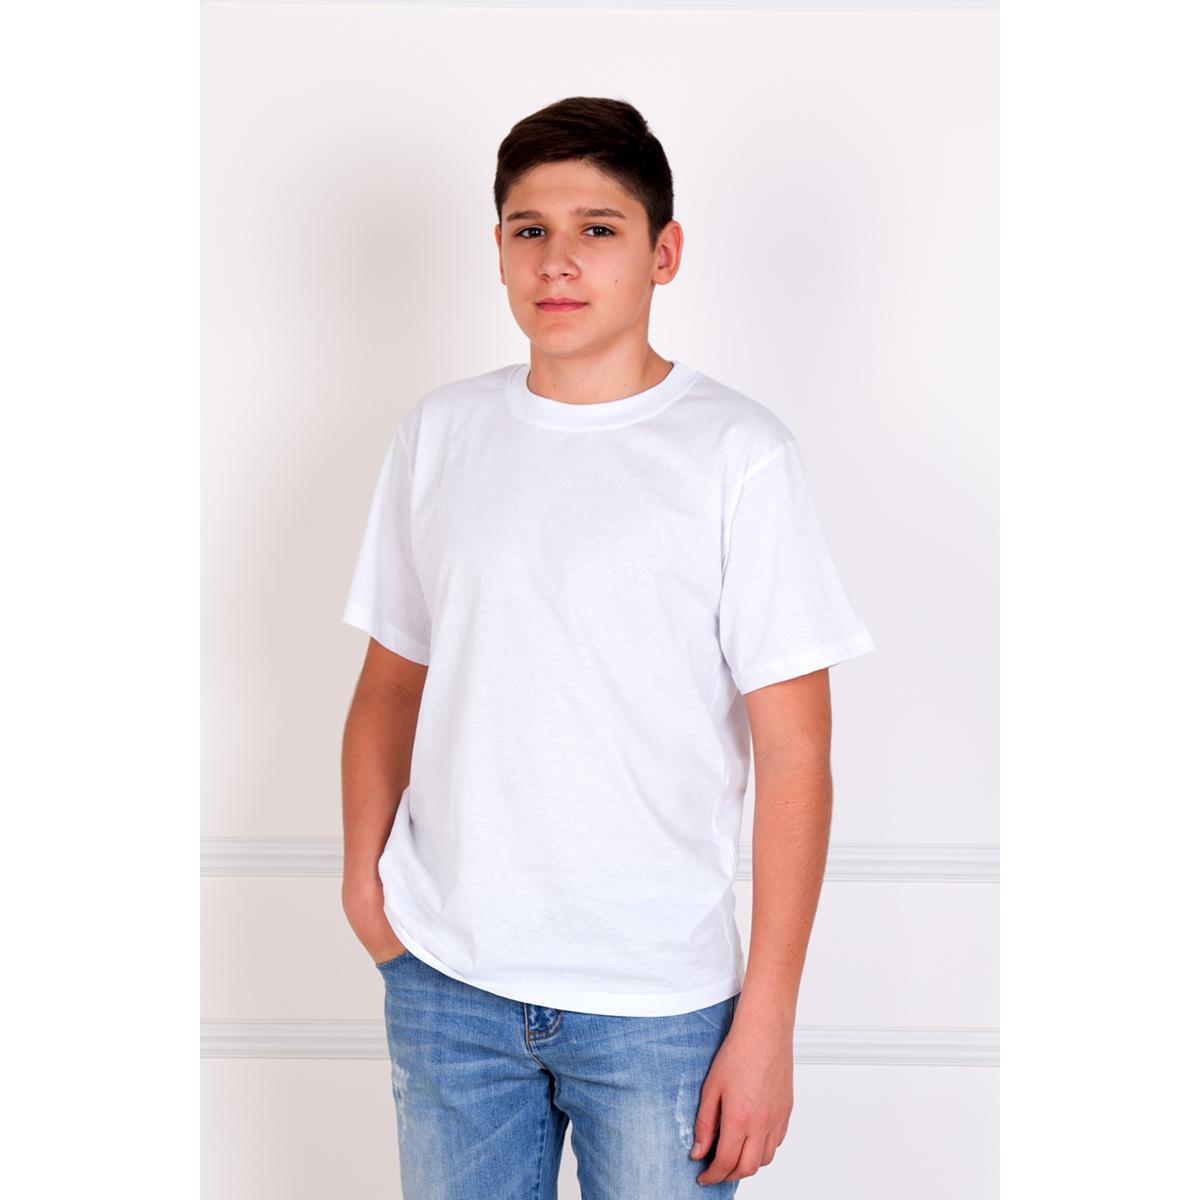 Мужская футболка  Мич  Белый, размер 54 - Мужская одежда артикул: 16521